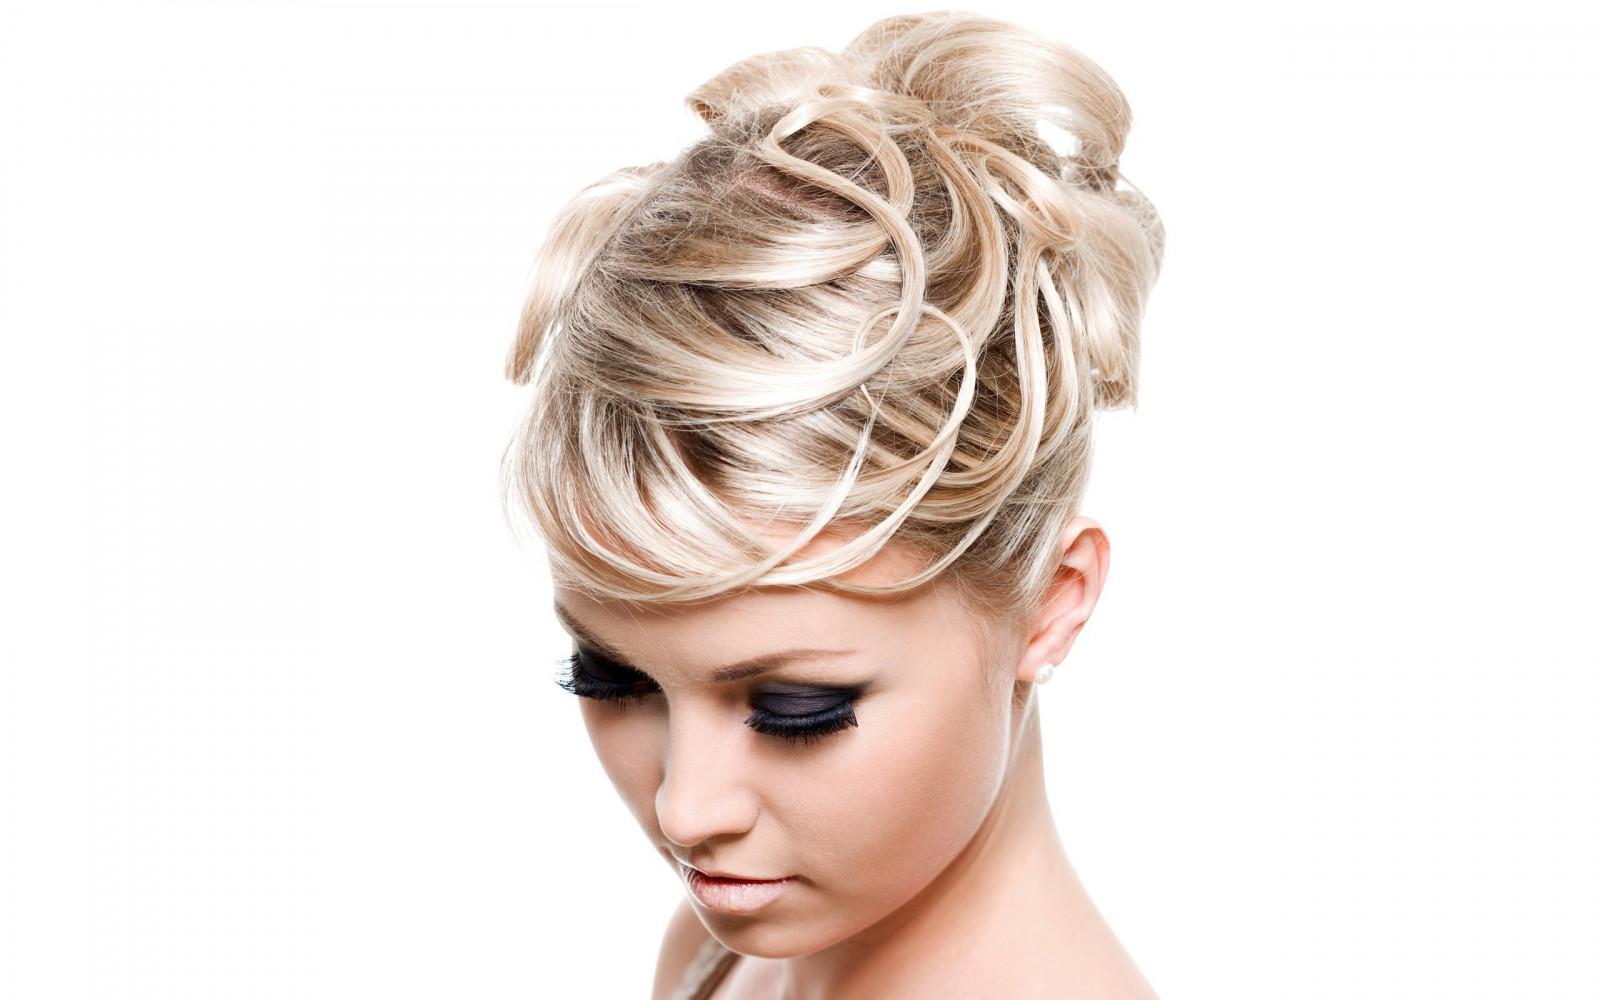 Современные причёски для девушек фото